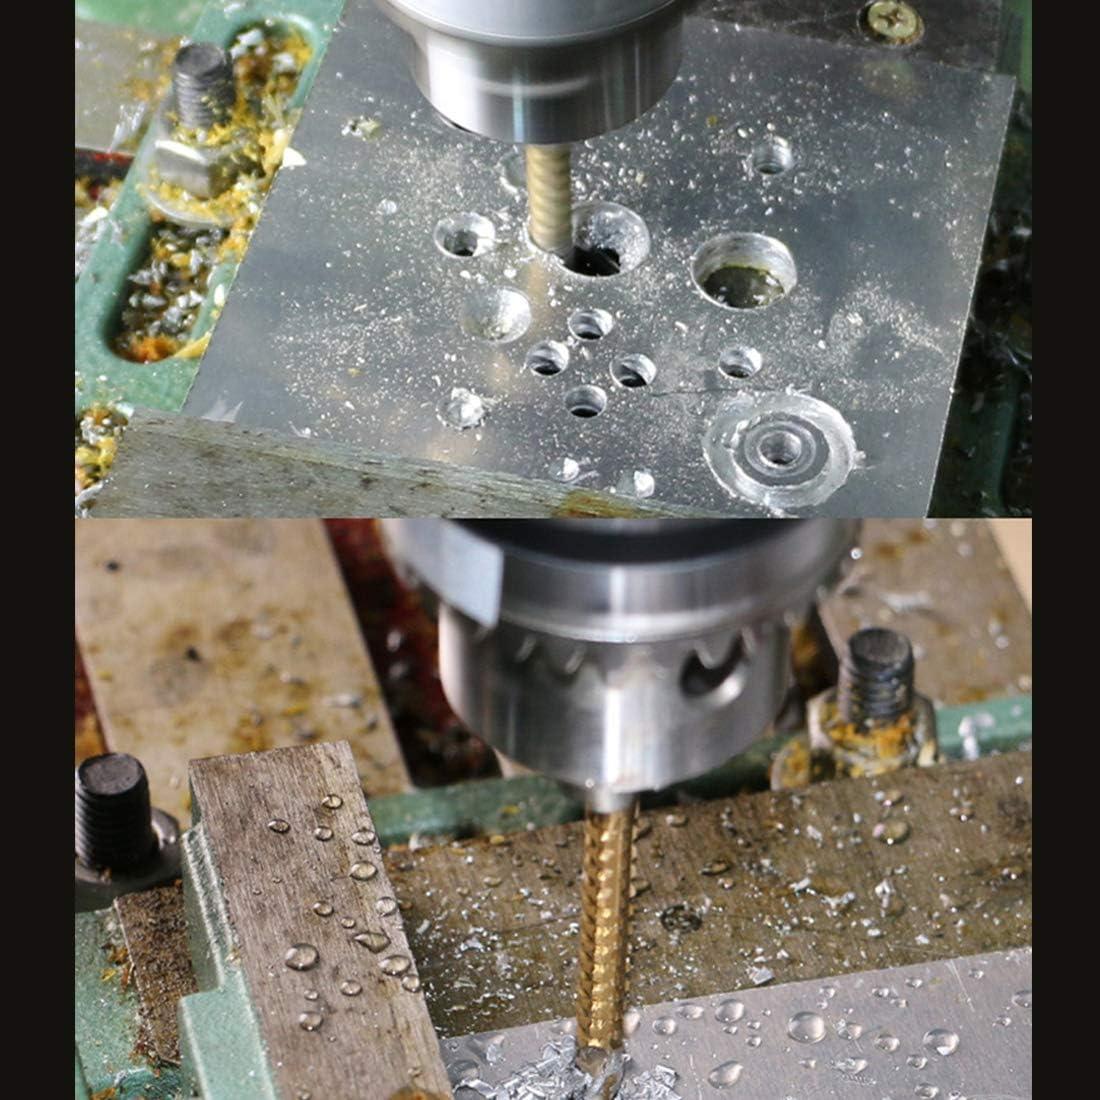 Eine elektrische Bohrmaschine Akkuschrauber-Set LLD 6 PCS//Set High Speed Steel gerader Schaft Spiralbohrer for Bohren von Metall Holz und Kunststoff High-Speed-Stahl Zylinderschaft Metallspiralbo